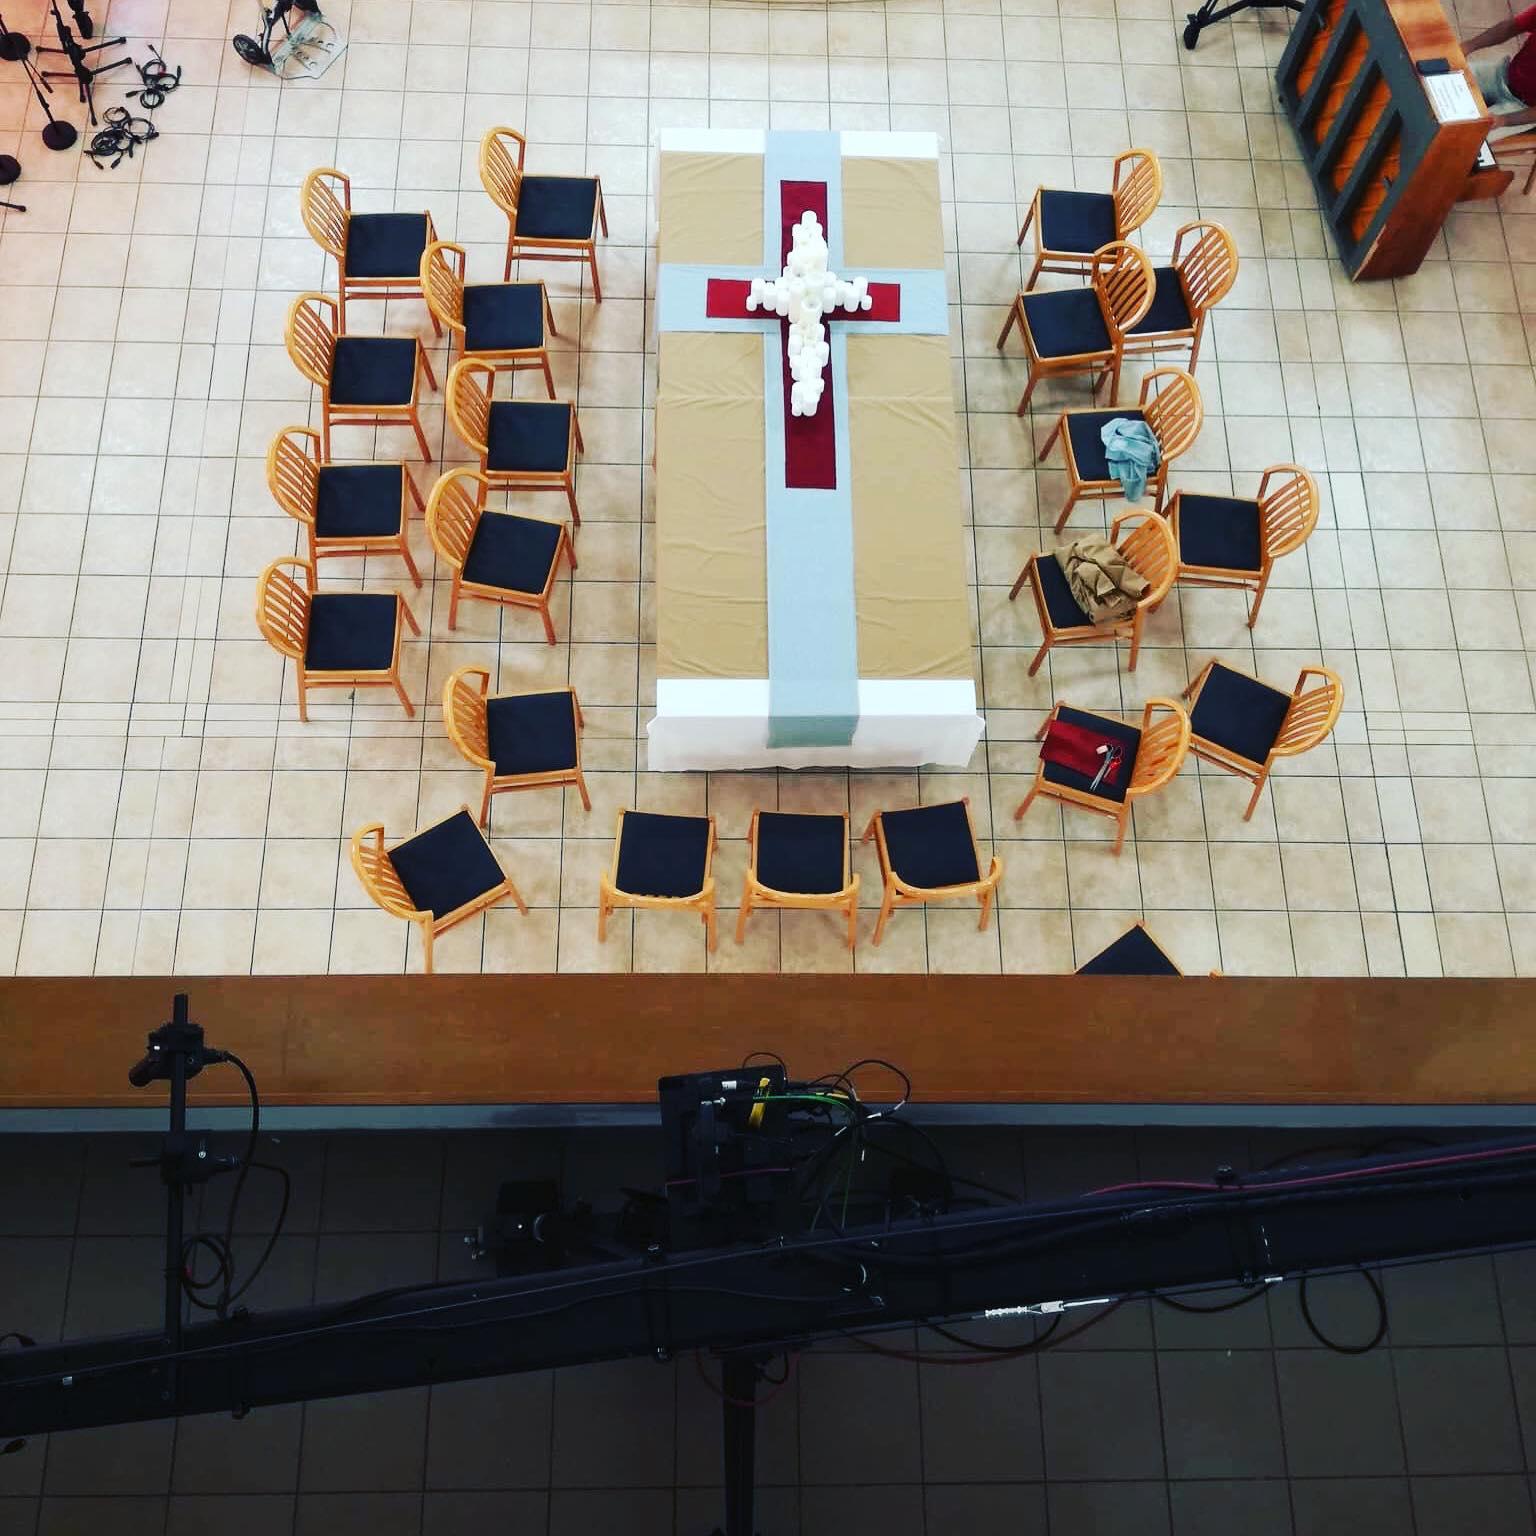 Asztalközösség - Egy màsik istentisztelet